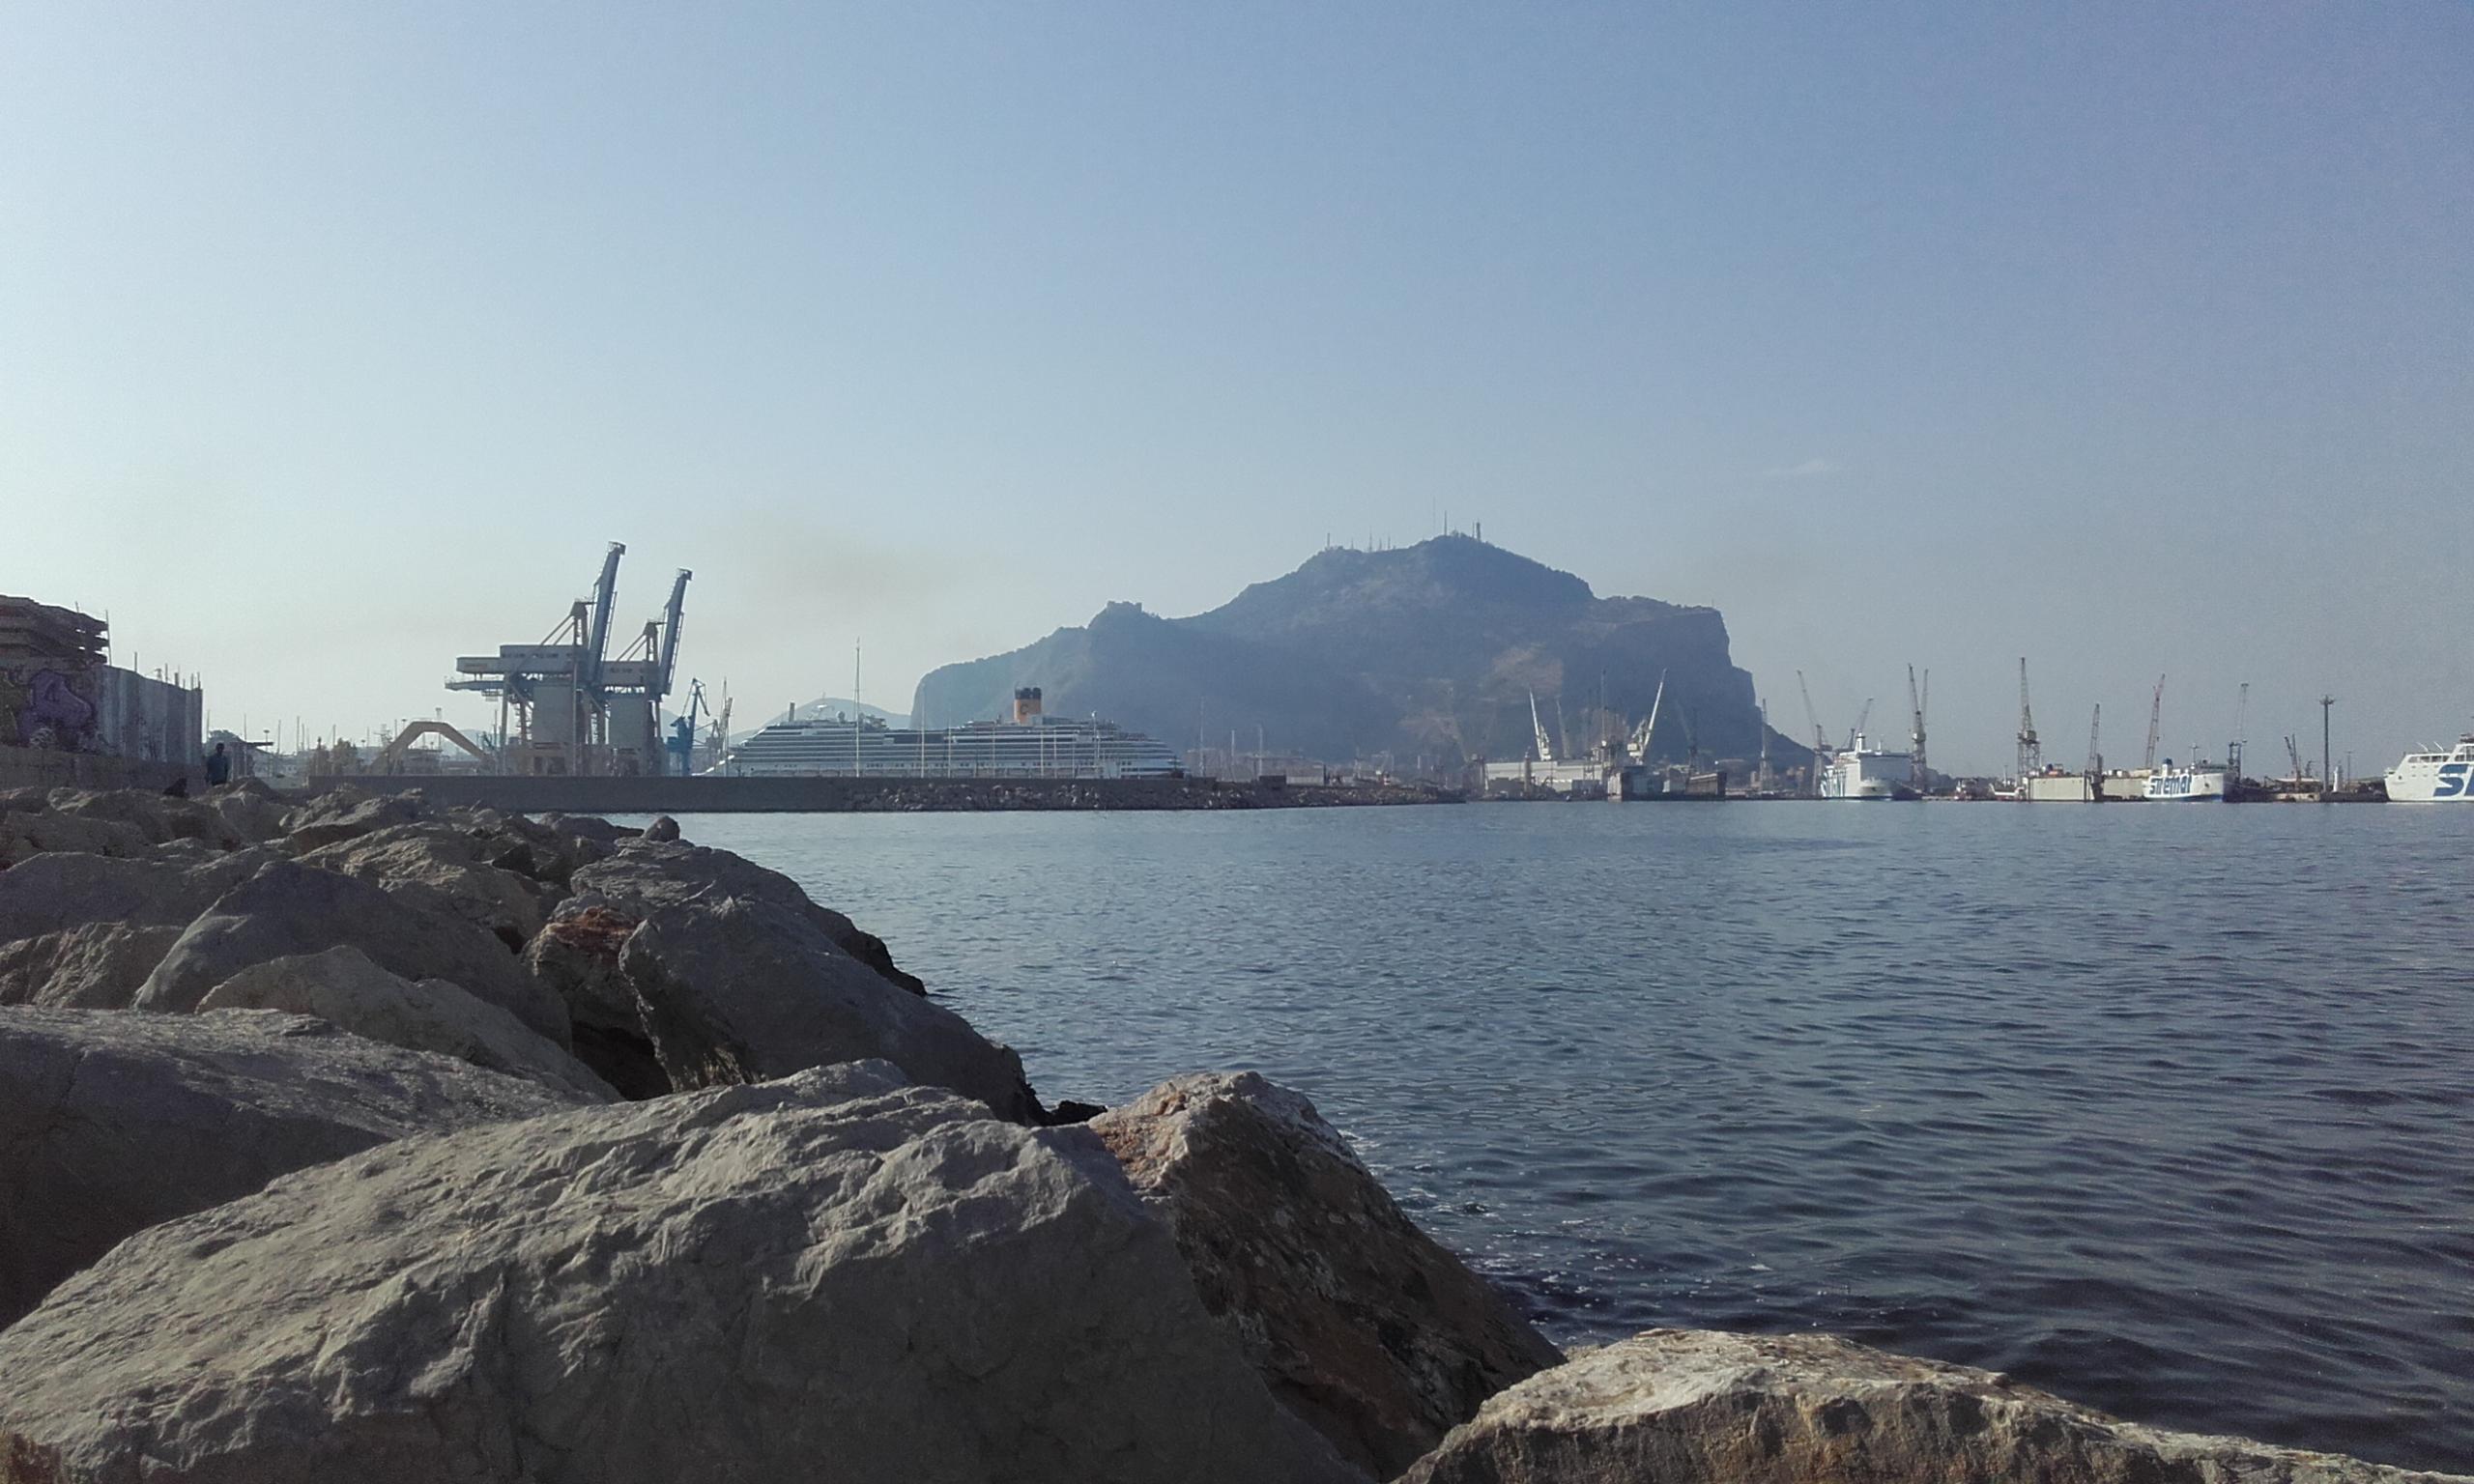 De relax en el puerto de Palermo